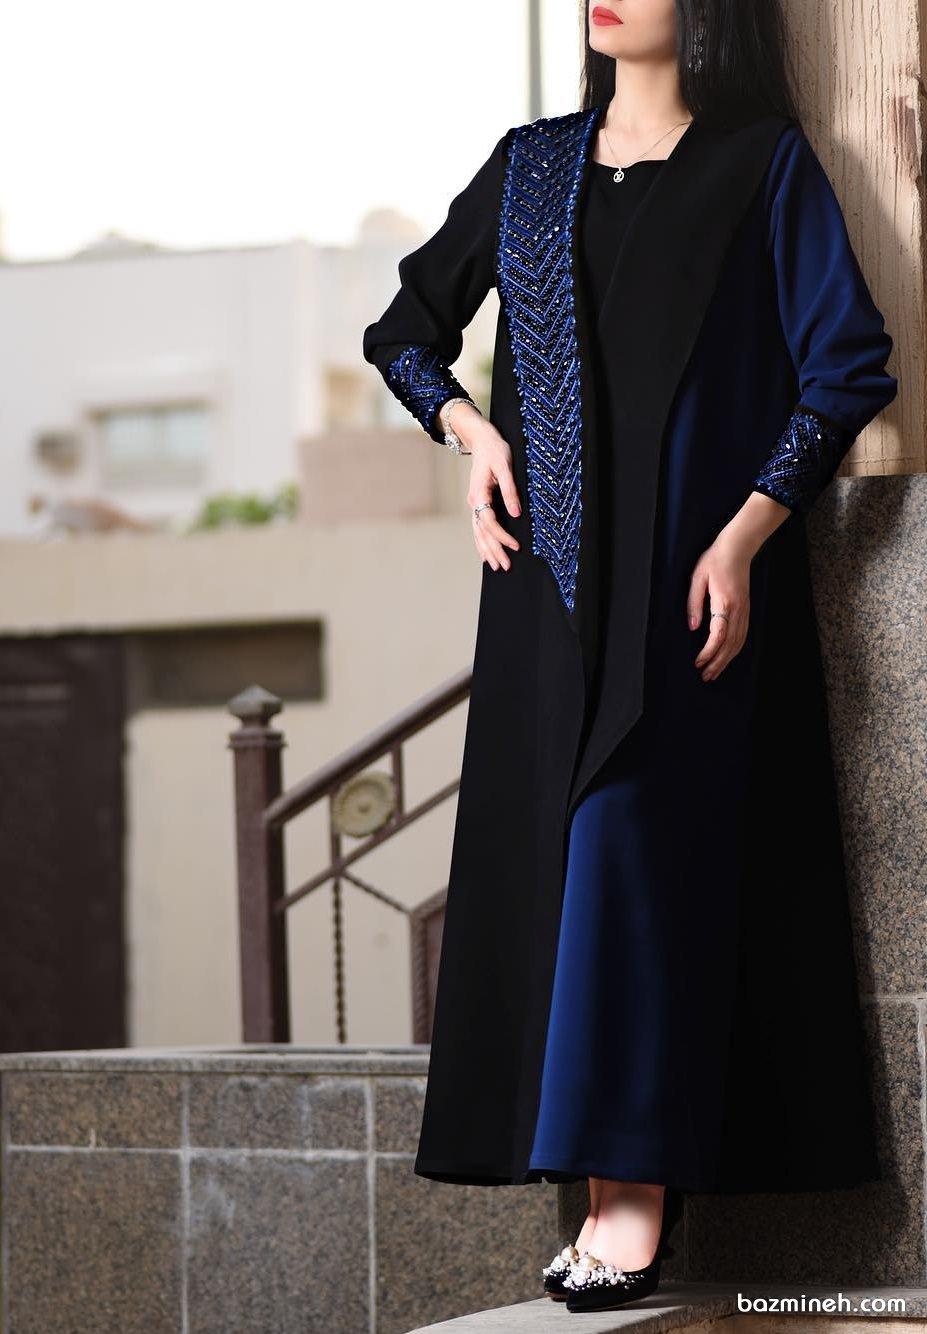 مانتو جلو باز کرپ دو رنگ مشکی سورمه ای سنگدوزی شده مناسب برای شرکت در مجالس رسمی